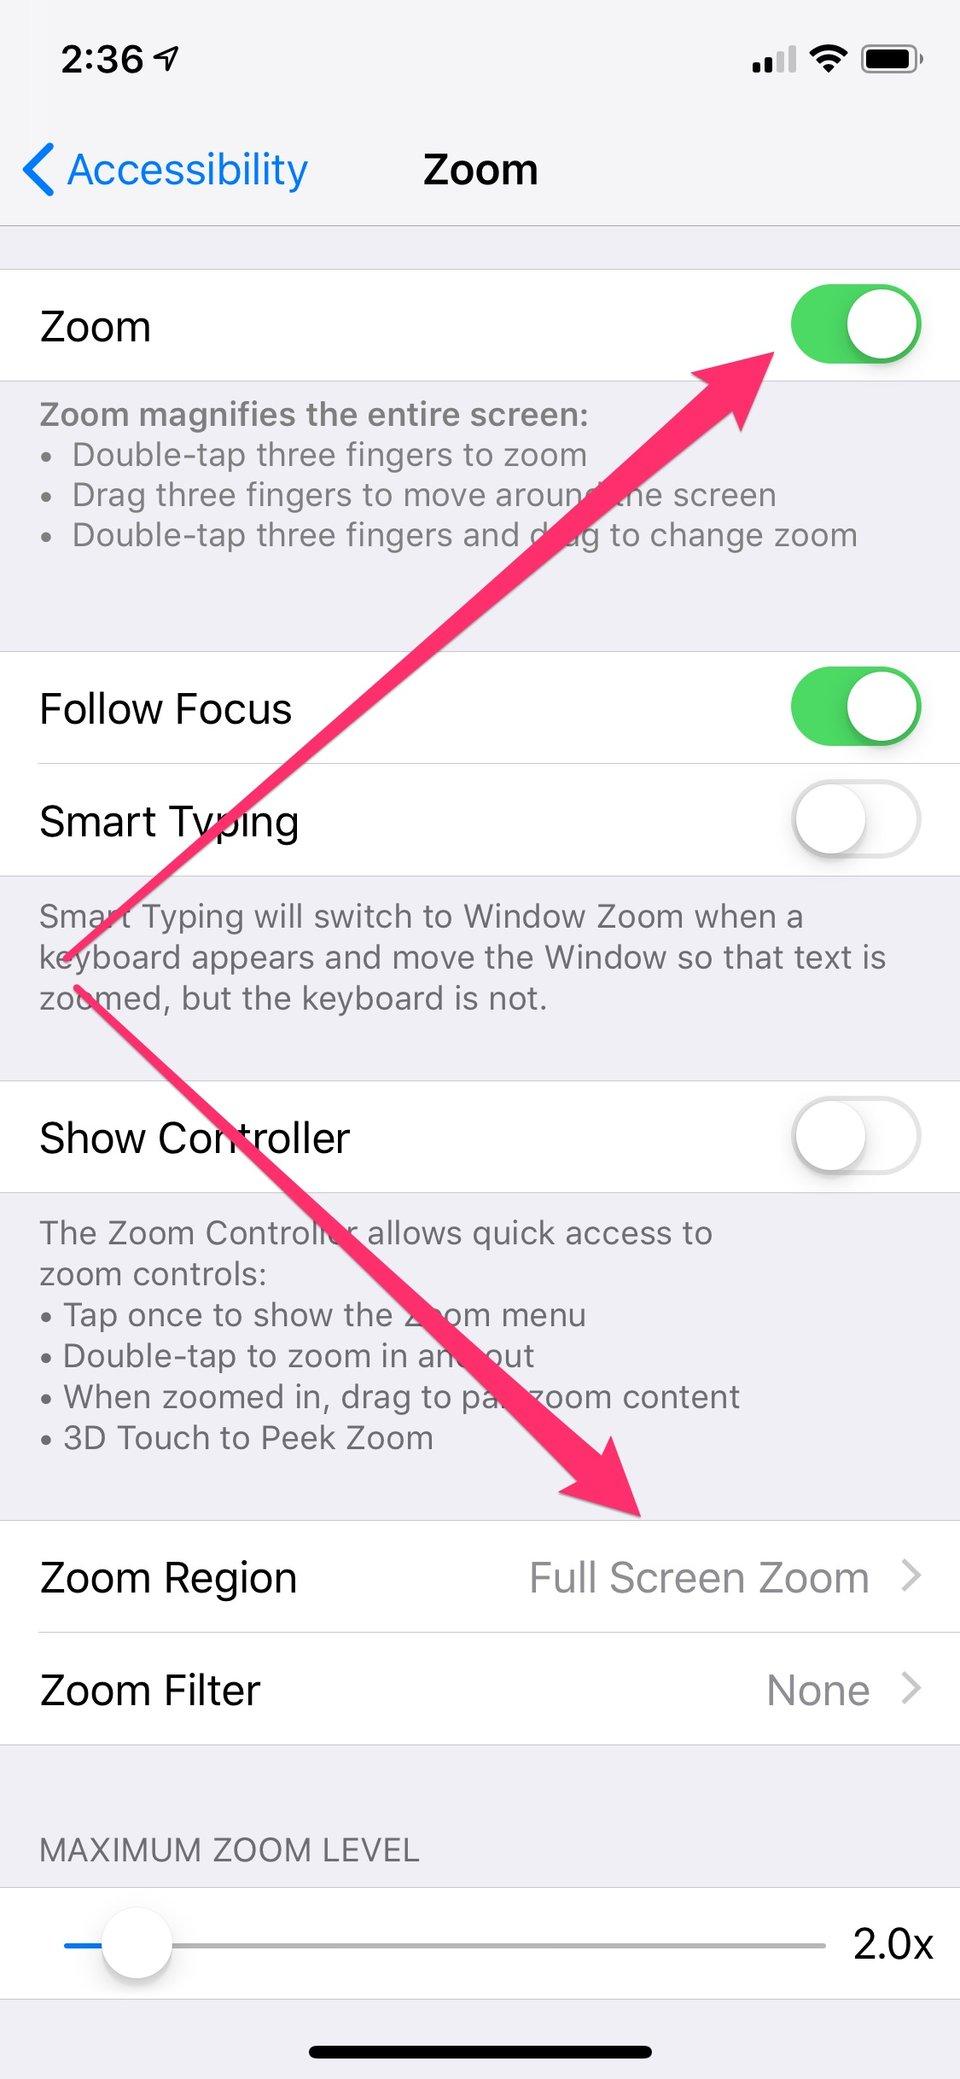 Cách đơn giản để thiết lập màn hình iPhone tối hơn với độ sáng thấp nhất có trên iPhone